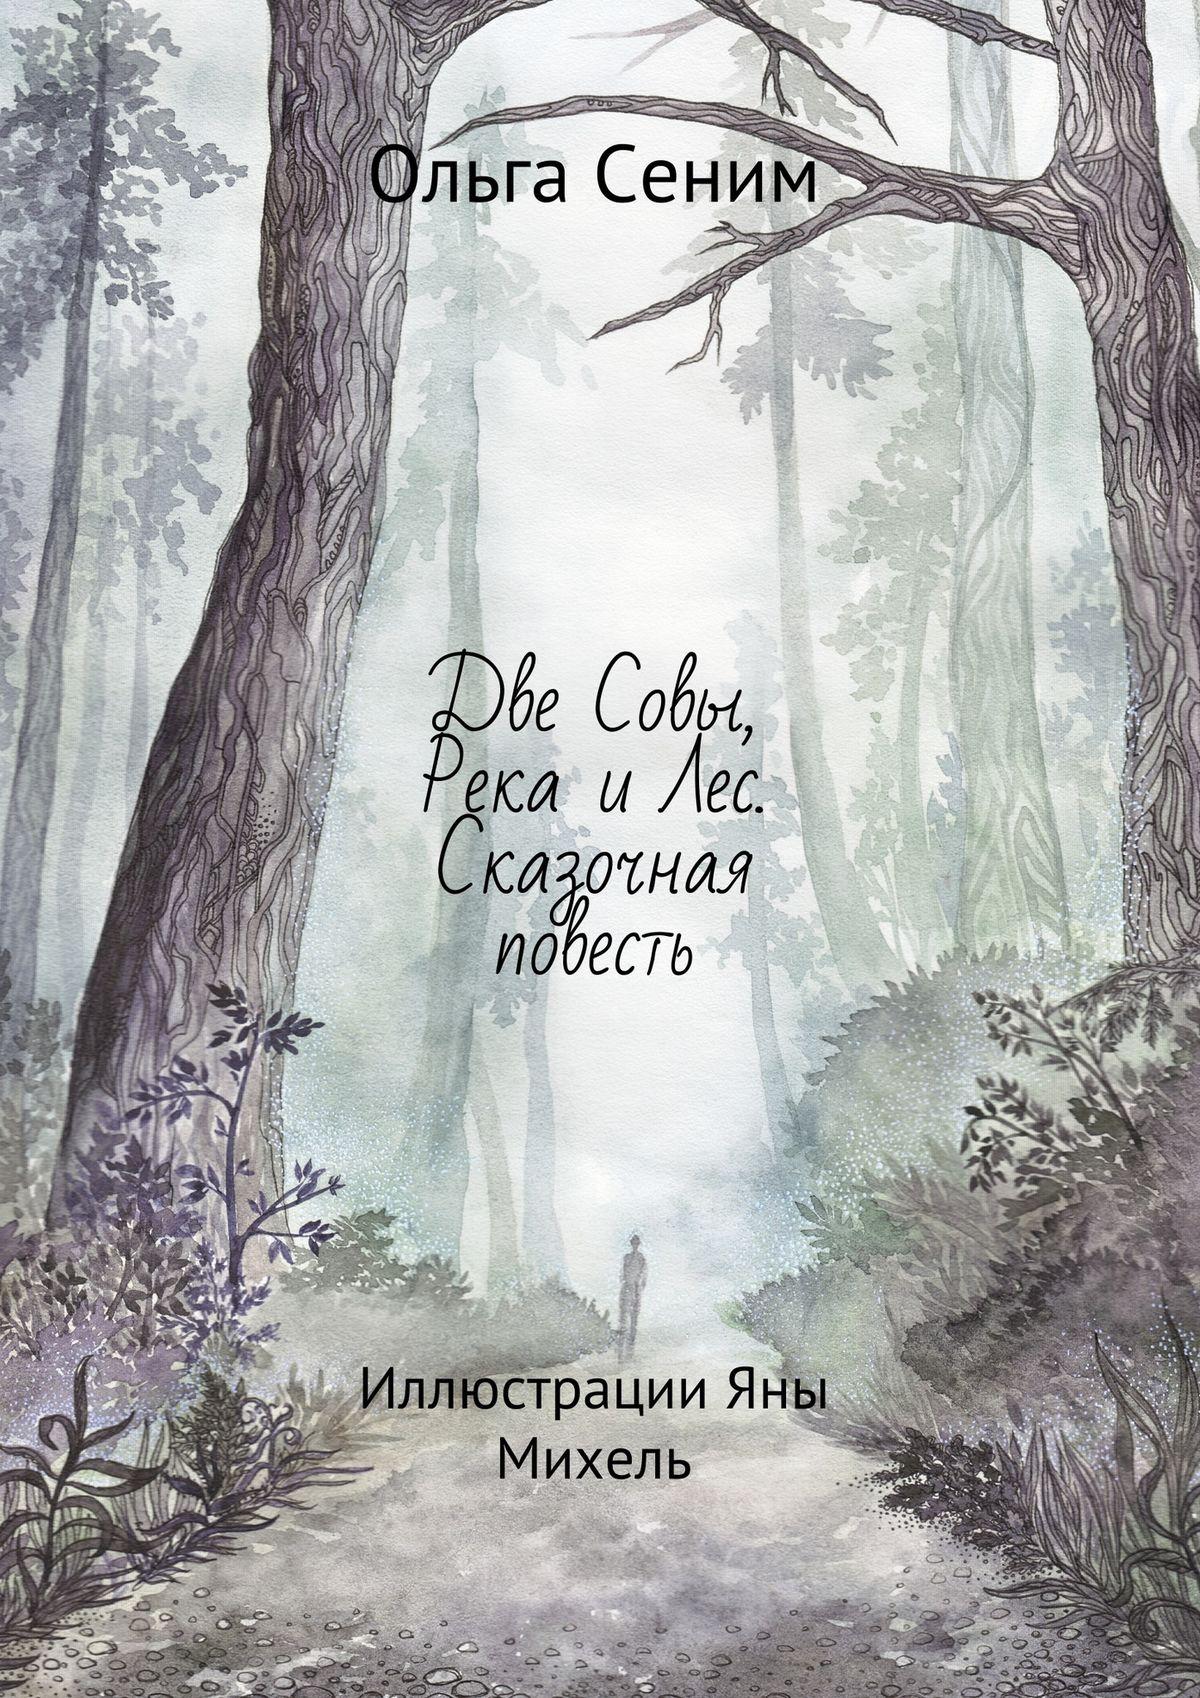 Ольга Сеним Две Совы, Река и Лес. Сказочная повесть цена и фото